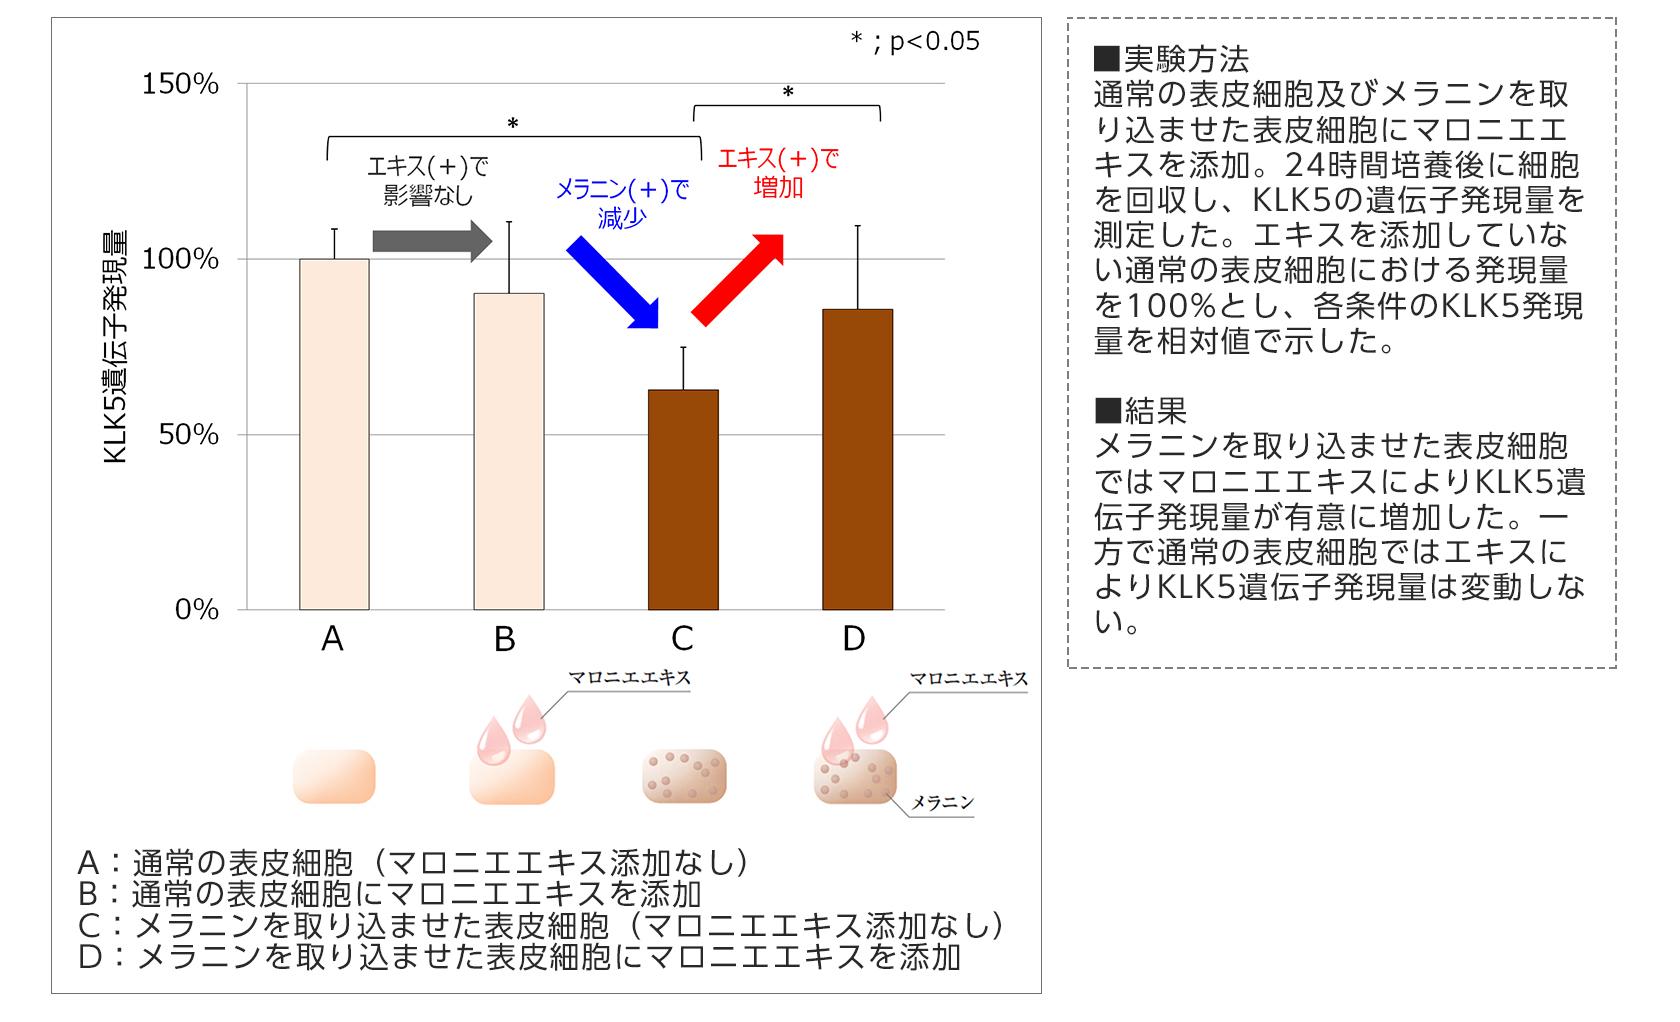 【図6】マロニエエキスのKLK5発現促進作用